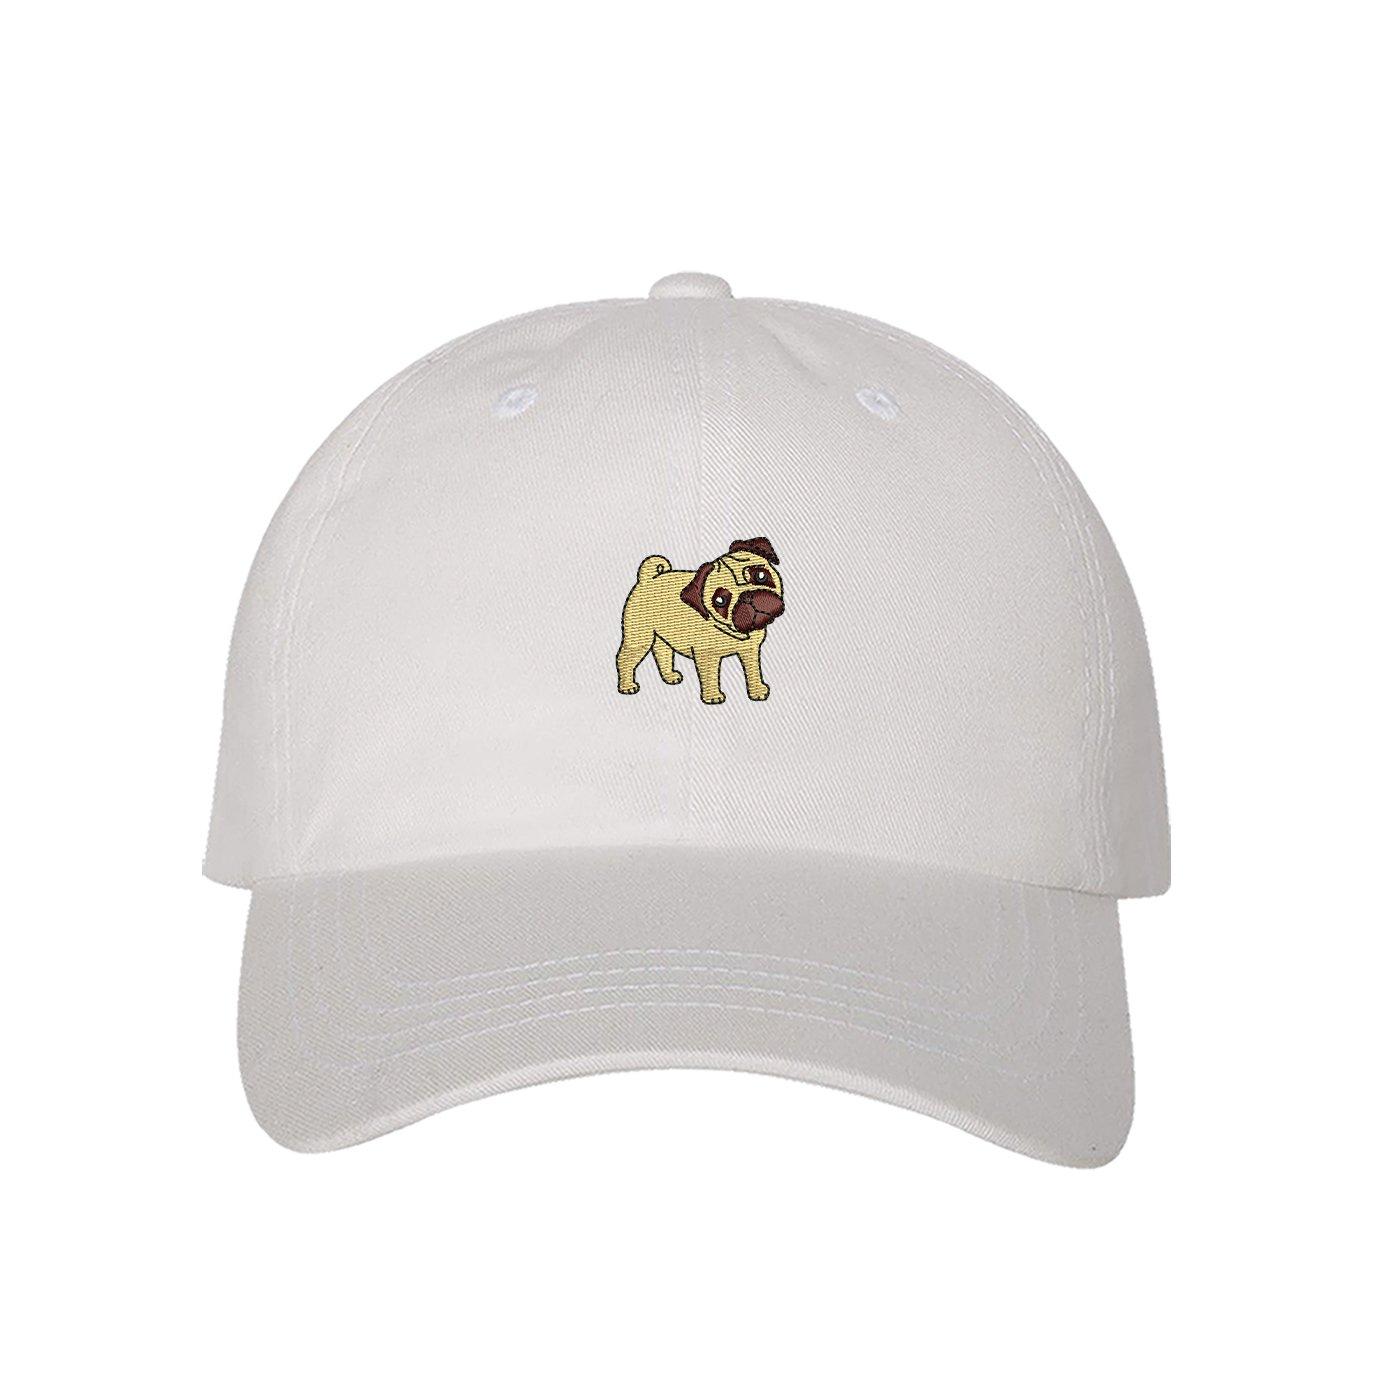 f548be916fc Amazon.com  Prfcto Lifestyle Pug Dad Hat -Black Baseball Cap- Unisex   Clothing